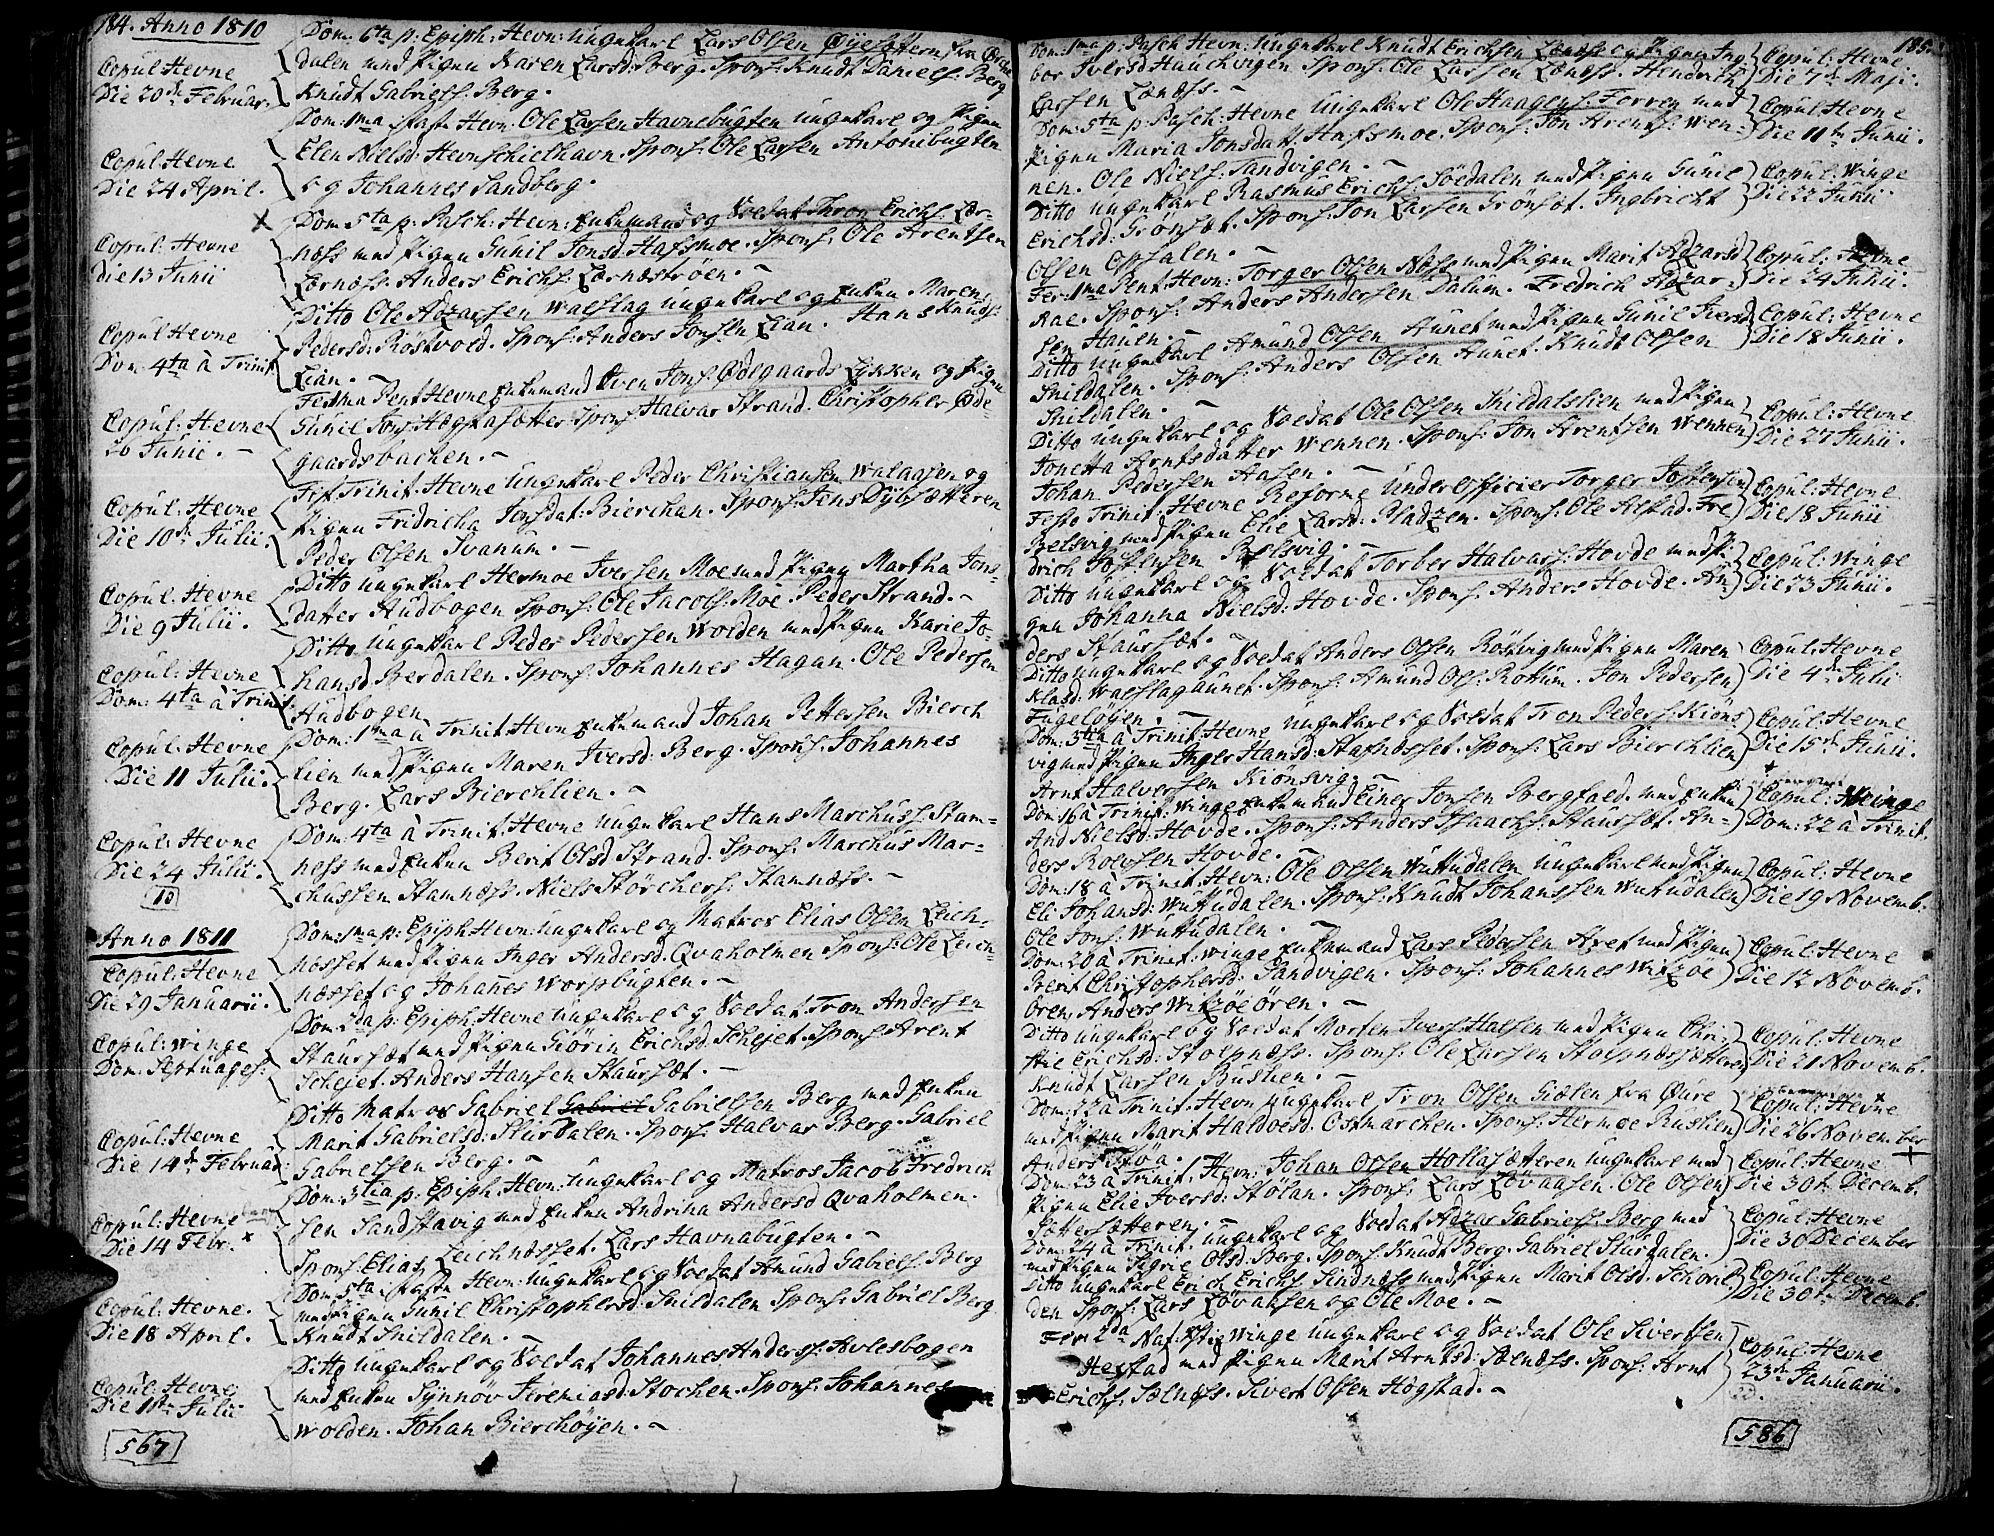 SAT, Ministerialprotokoller, klokkerbøker og fødselsregistre - Sør-Trøndelag, 630/L0490: Ministerialbok nr. 630A03, 1795-1818, s. 184-185